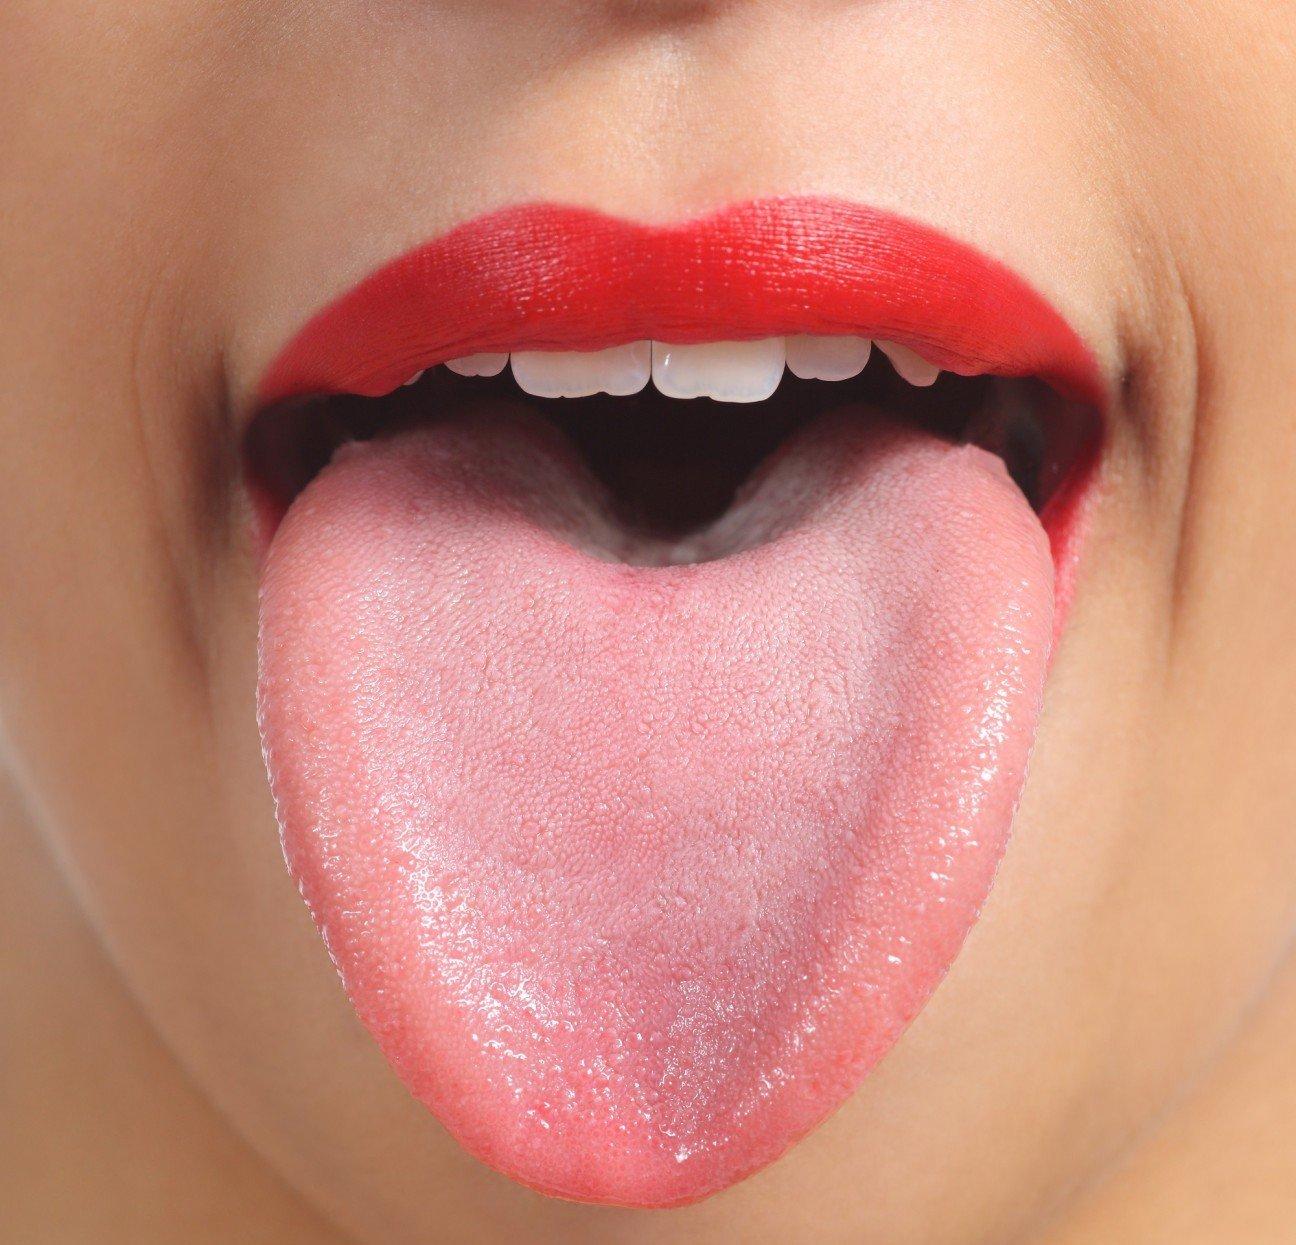 фото рот и язык